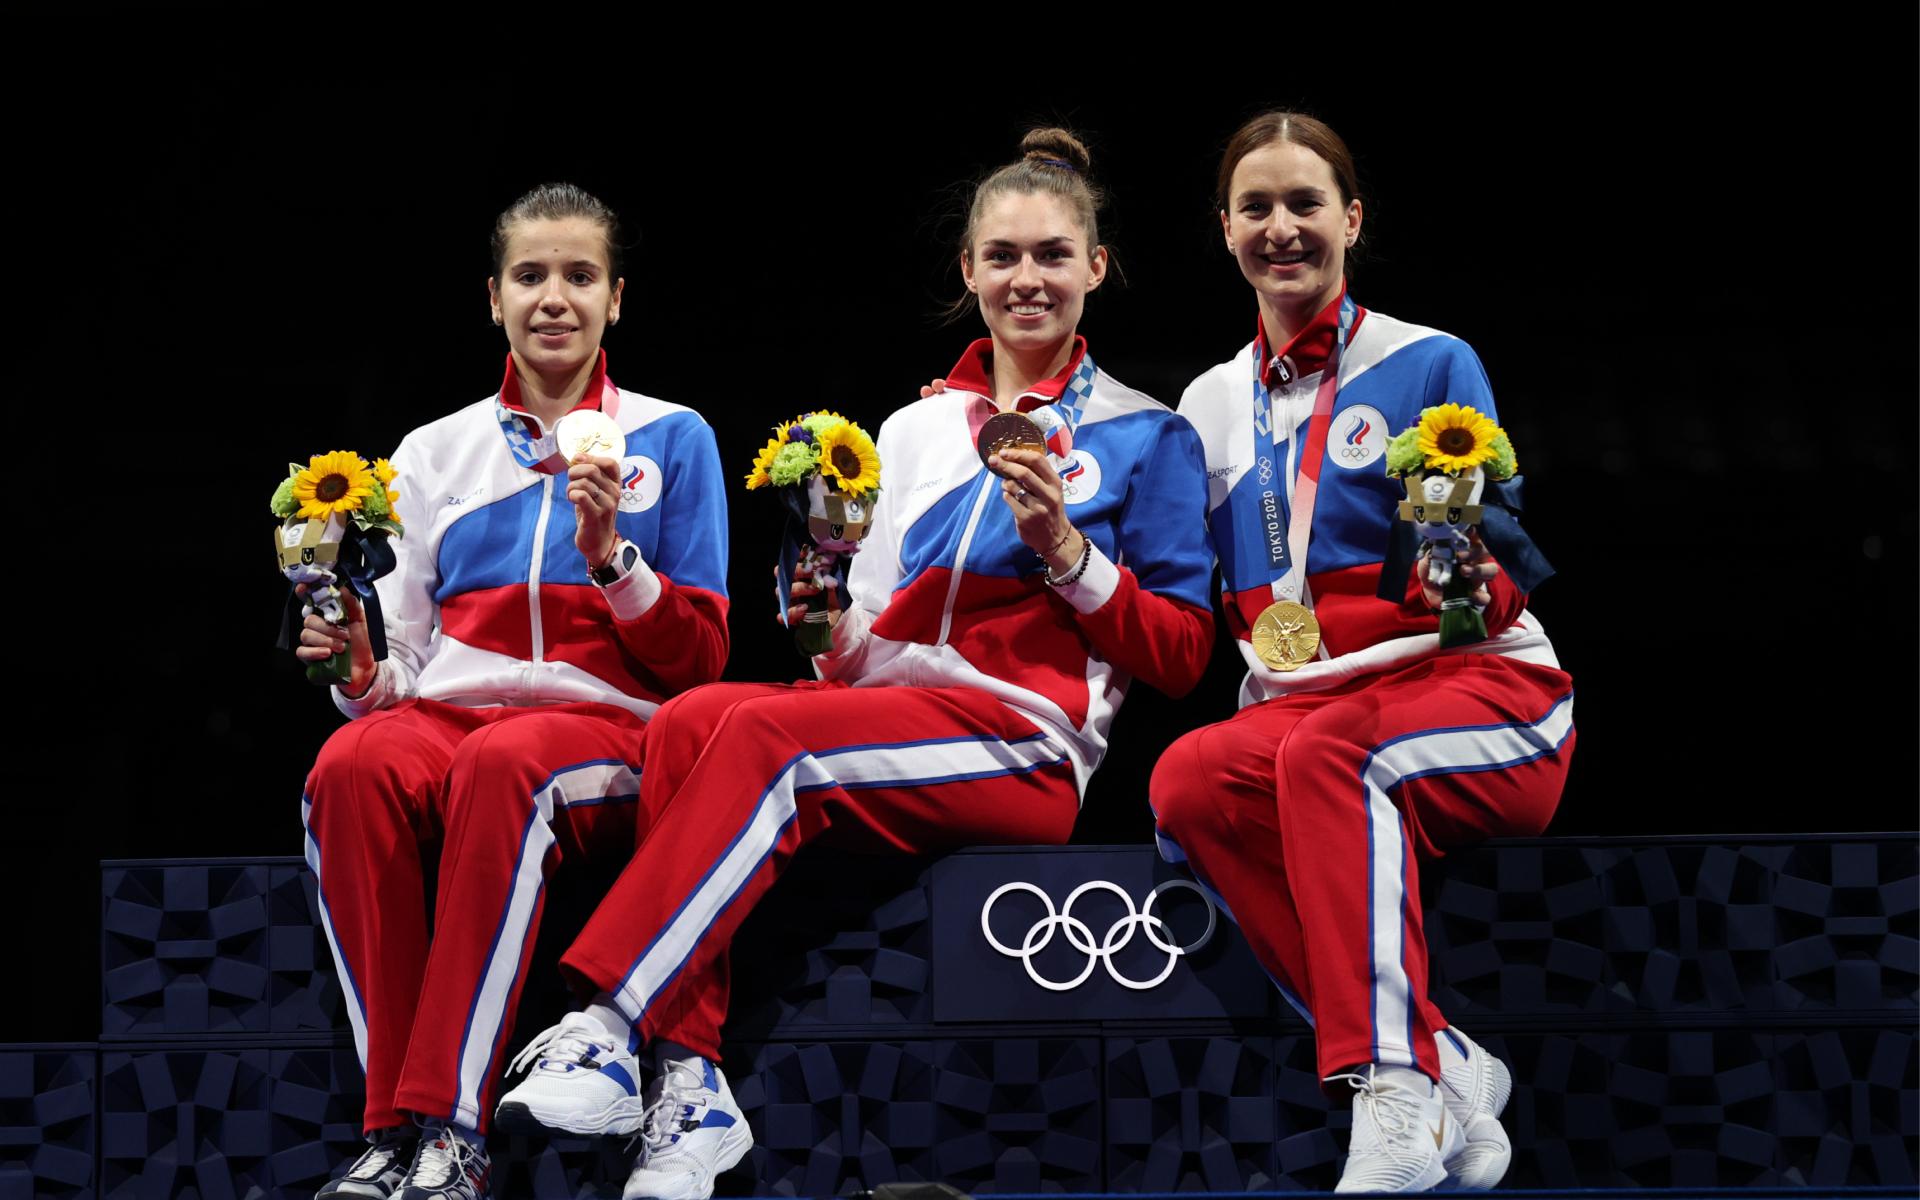 Фото: Софья Позднякова, Софья Великая и Ольга Никитина (Photo by Elsa/Getty Images)